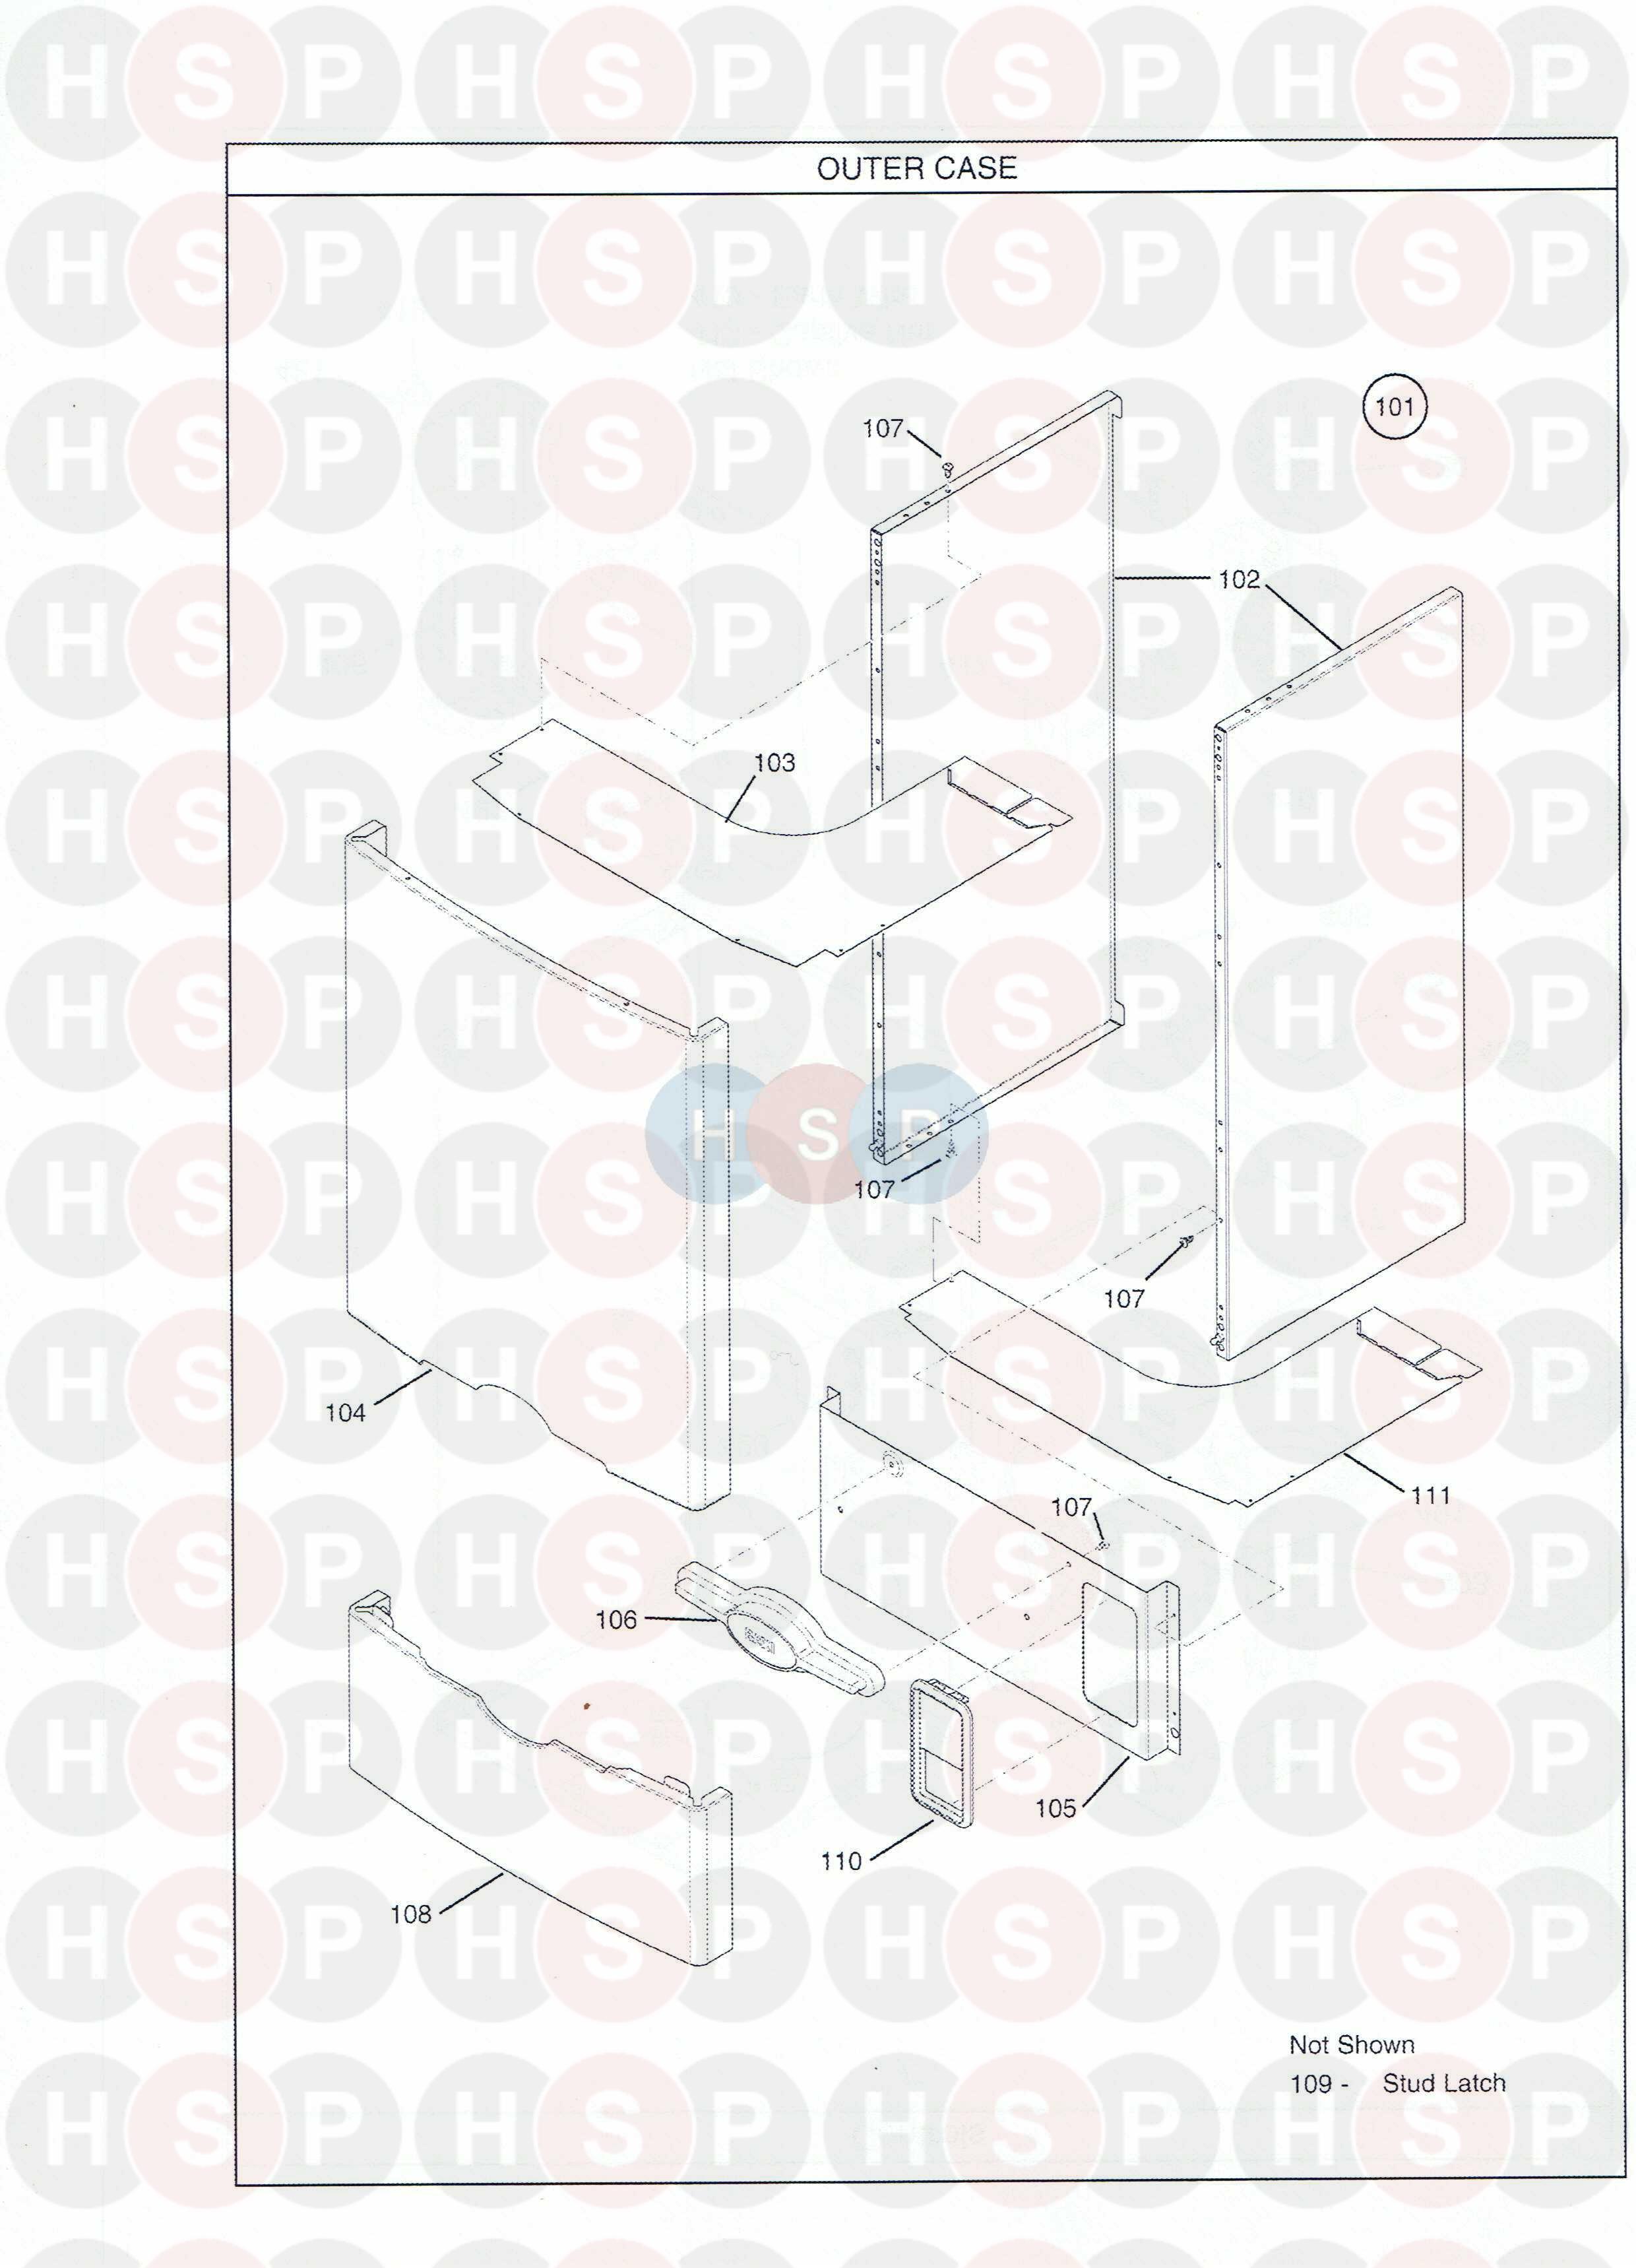 baxi 80  2 he plus  outer case  diagram